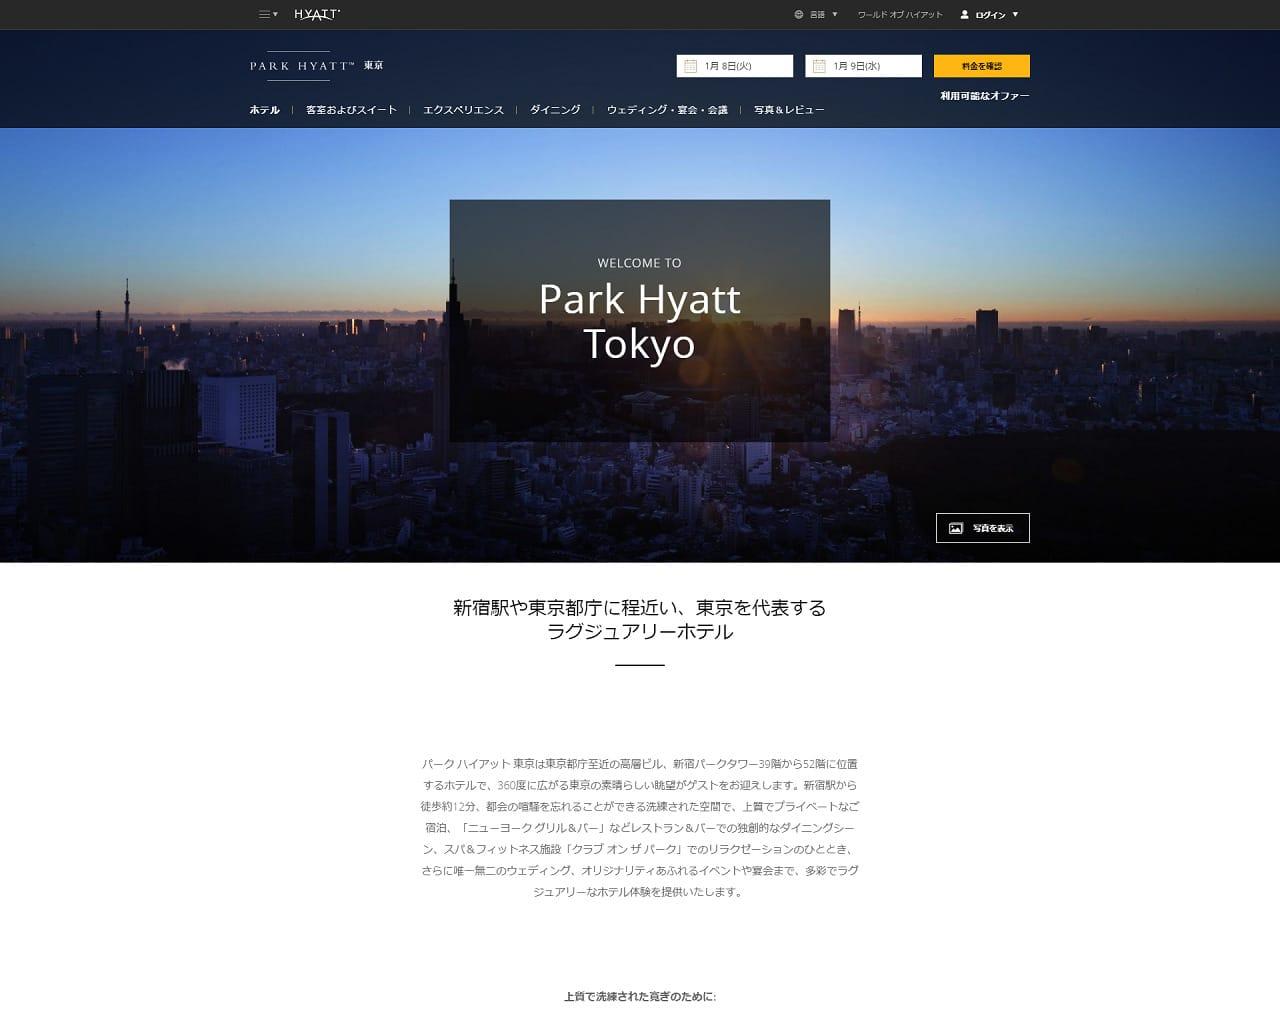 高級ホテル特集 パーク ハイアット 東京